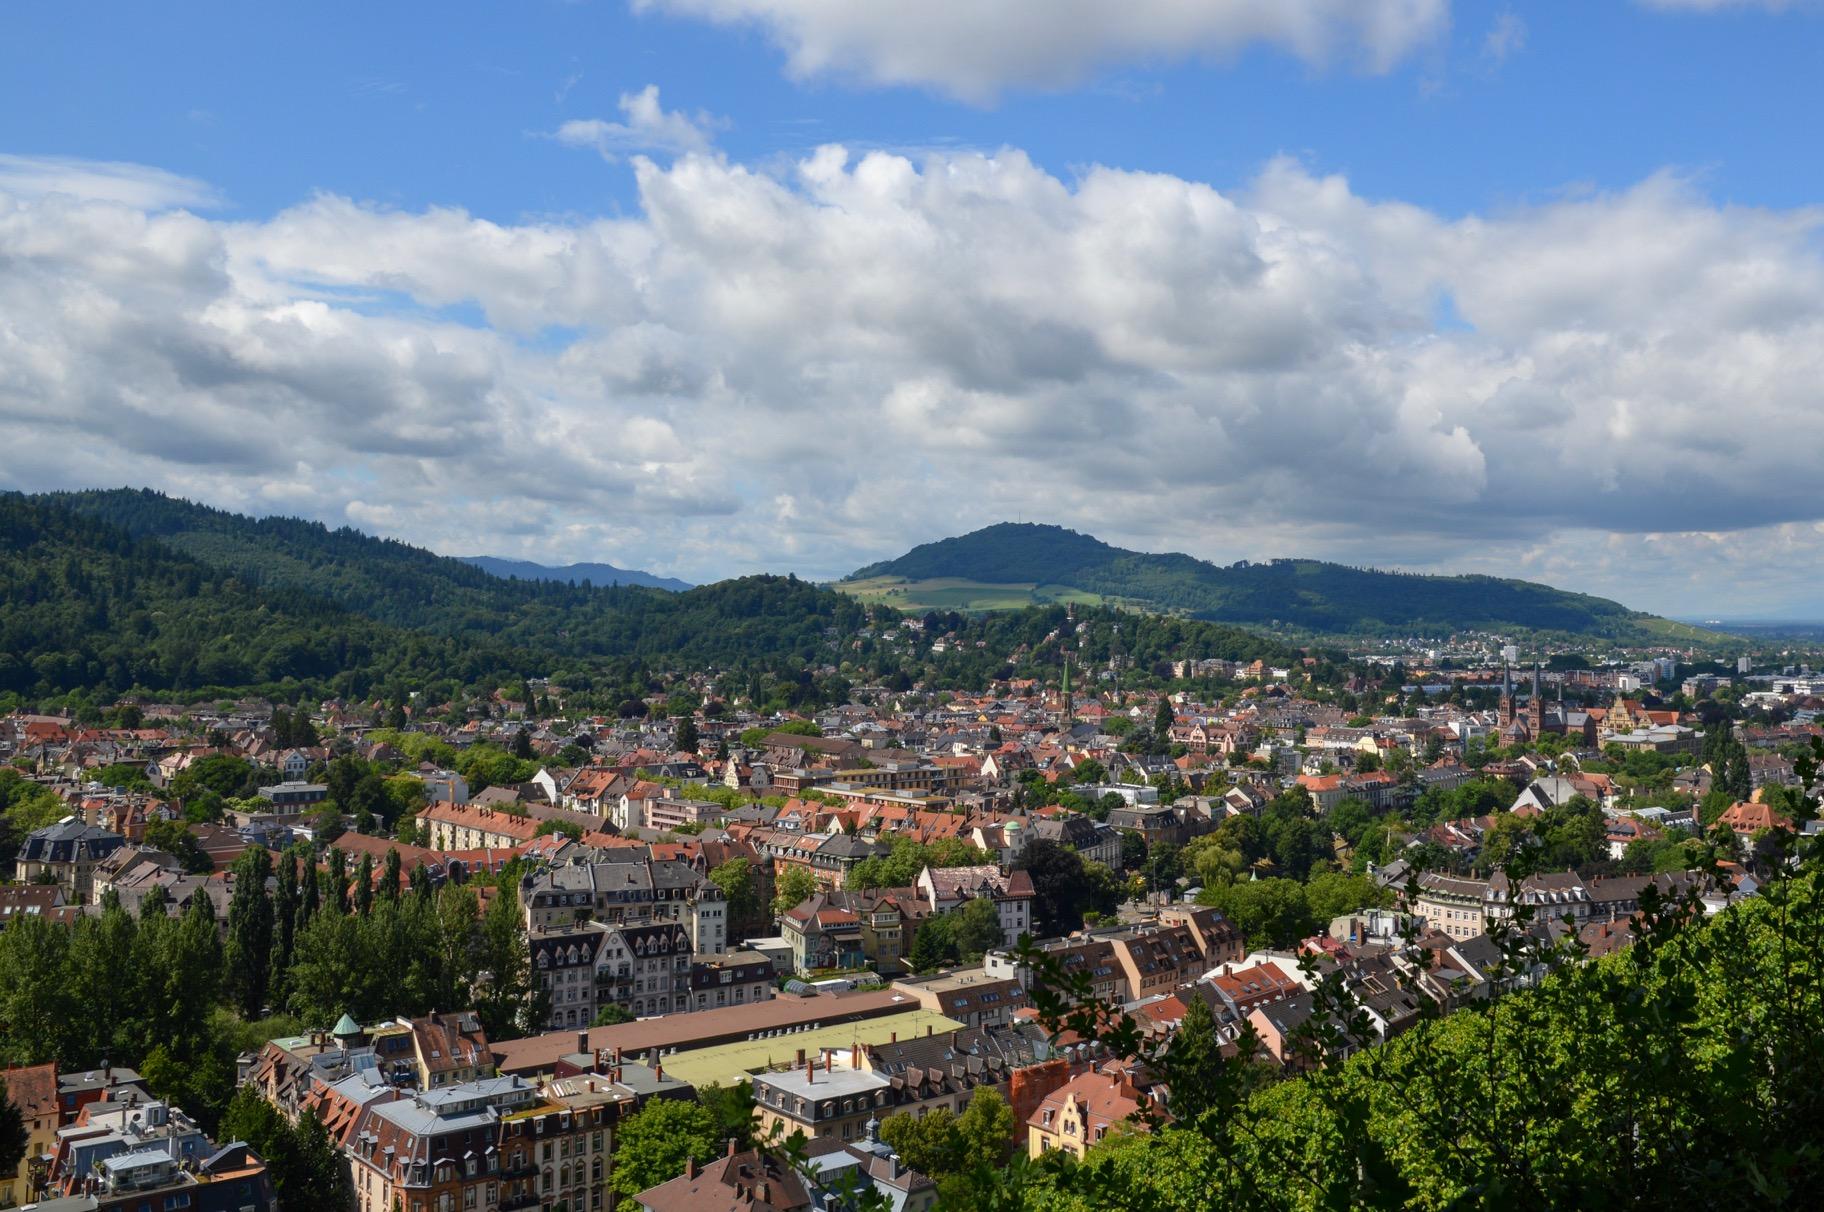 Schlossberg, Freiburg, Germany